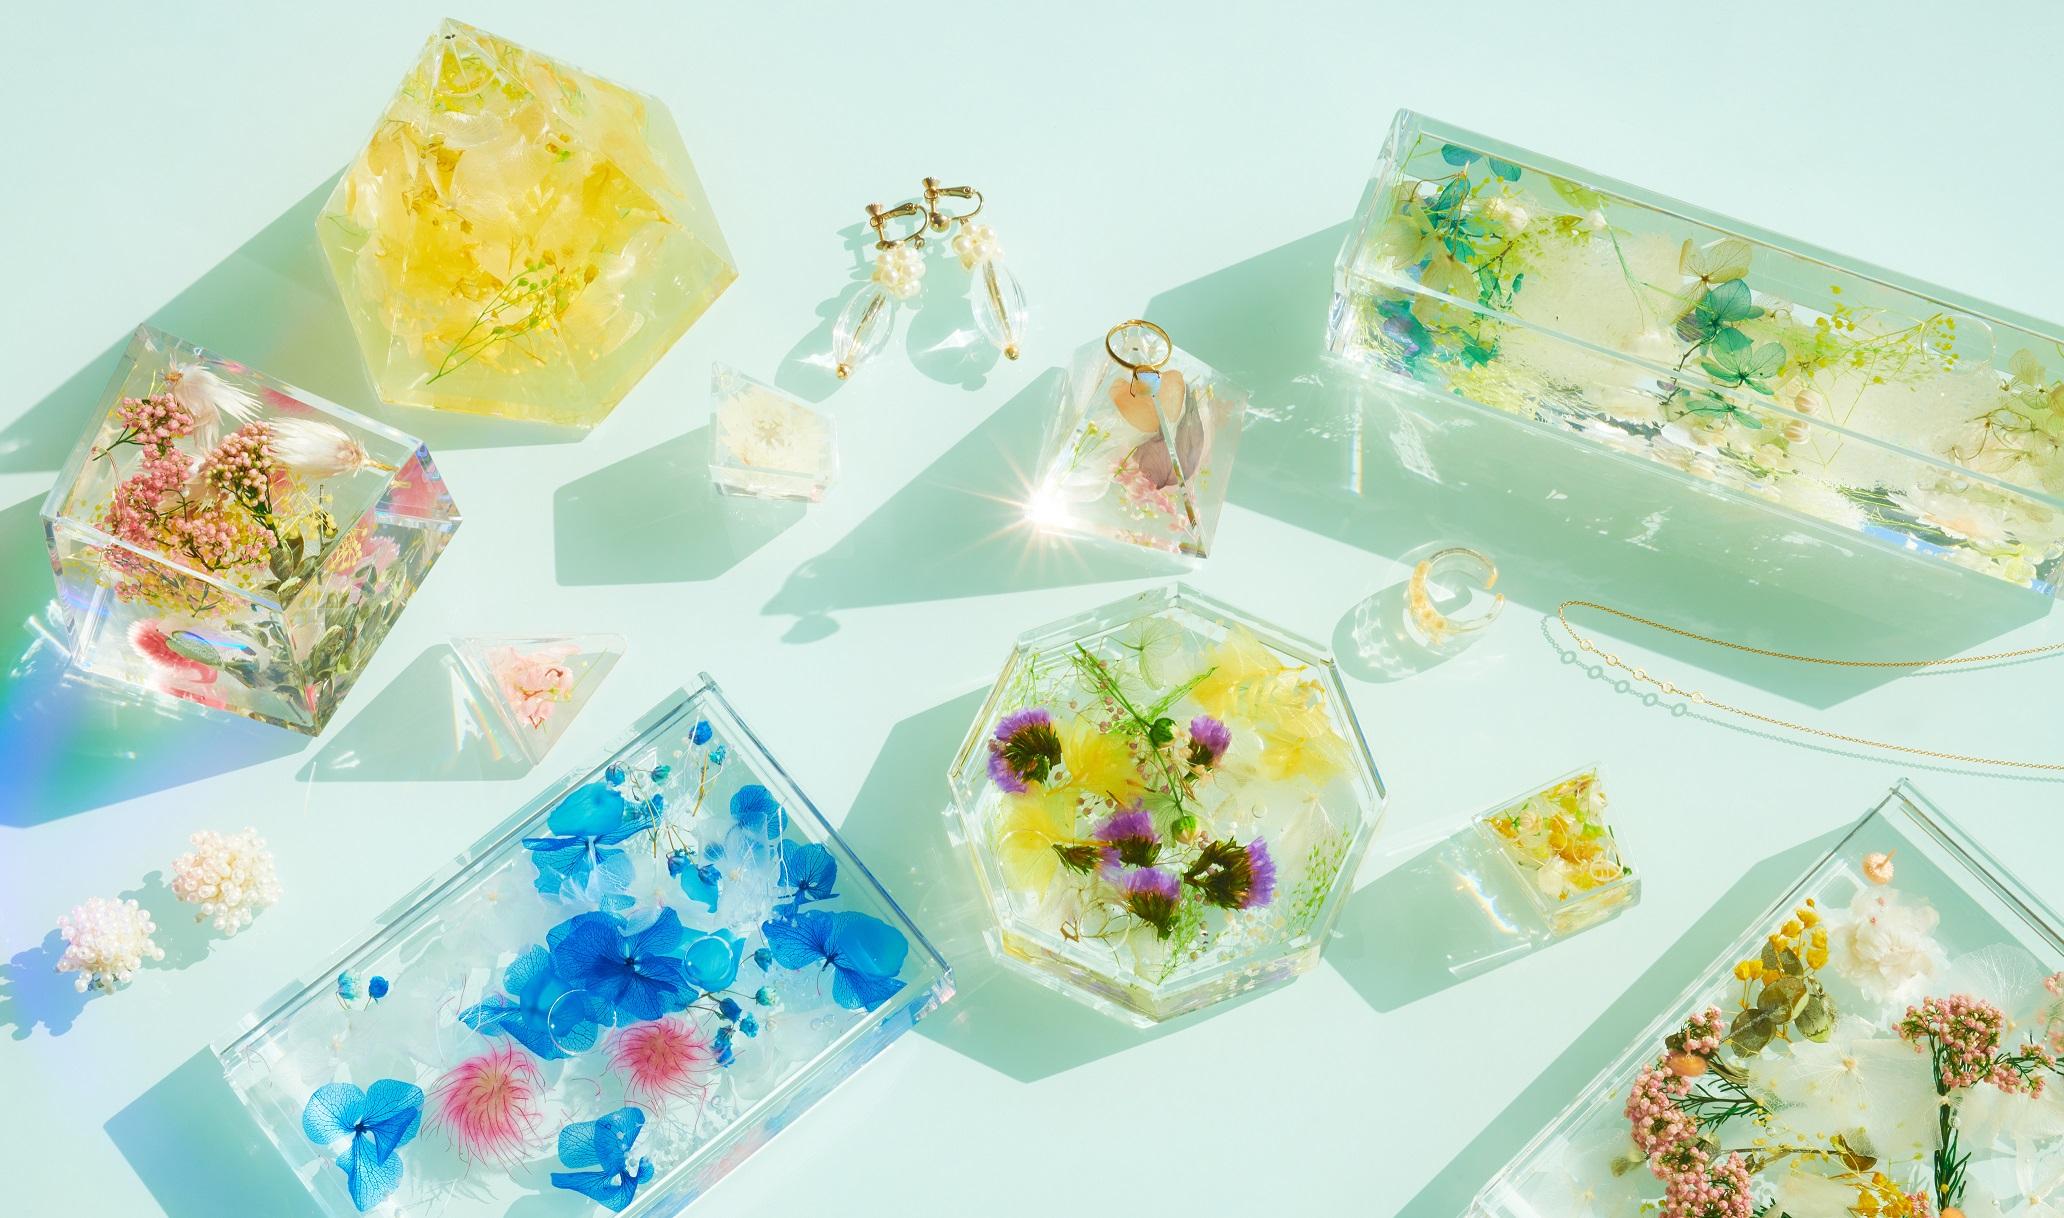 【!!クリアバッグプレゼント企画!!】職人の仕上げたお花のオブジェBLOOM AQUAご紹介